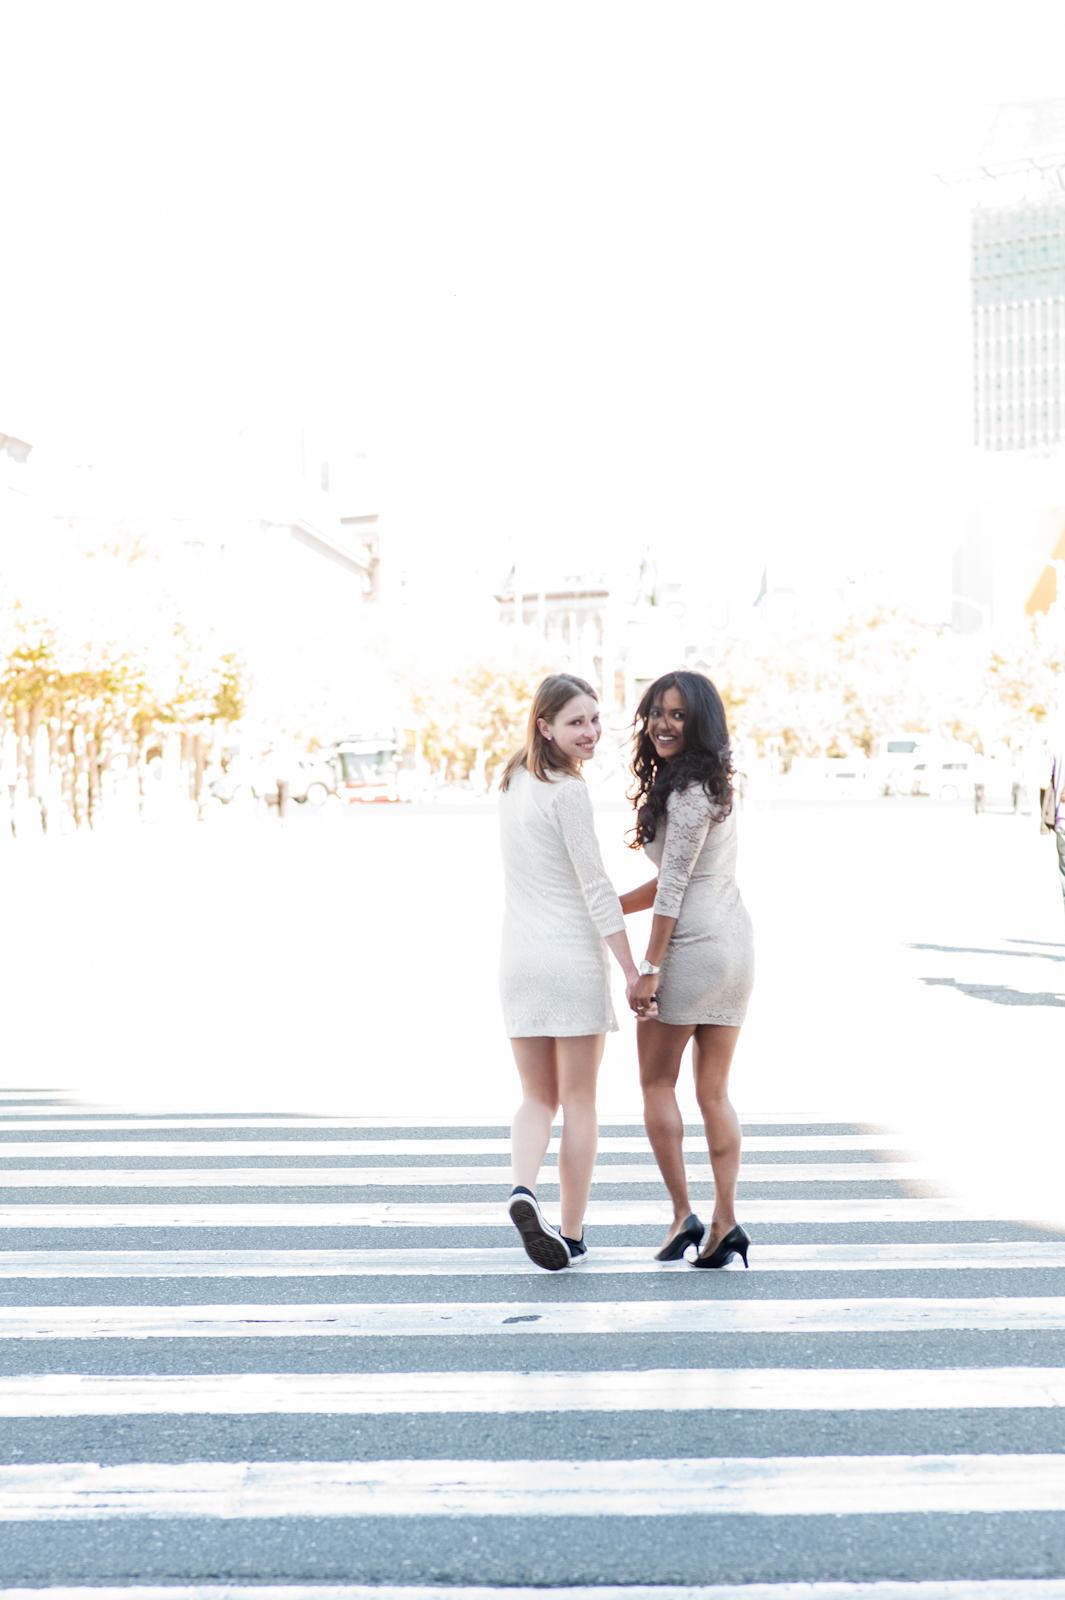 AZAZIE_City_Hall_Wedding_Inspiration28